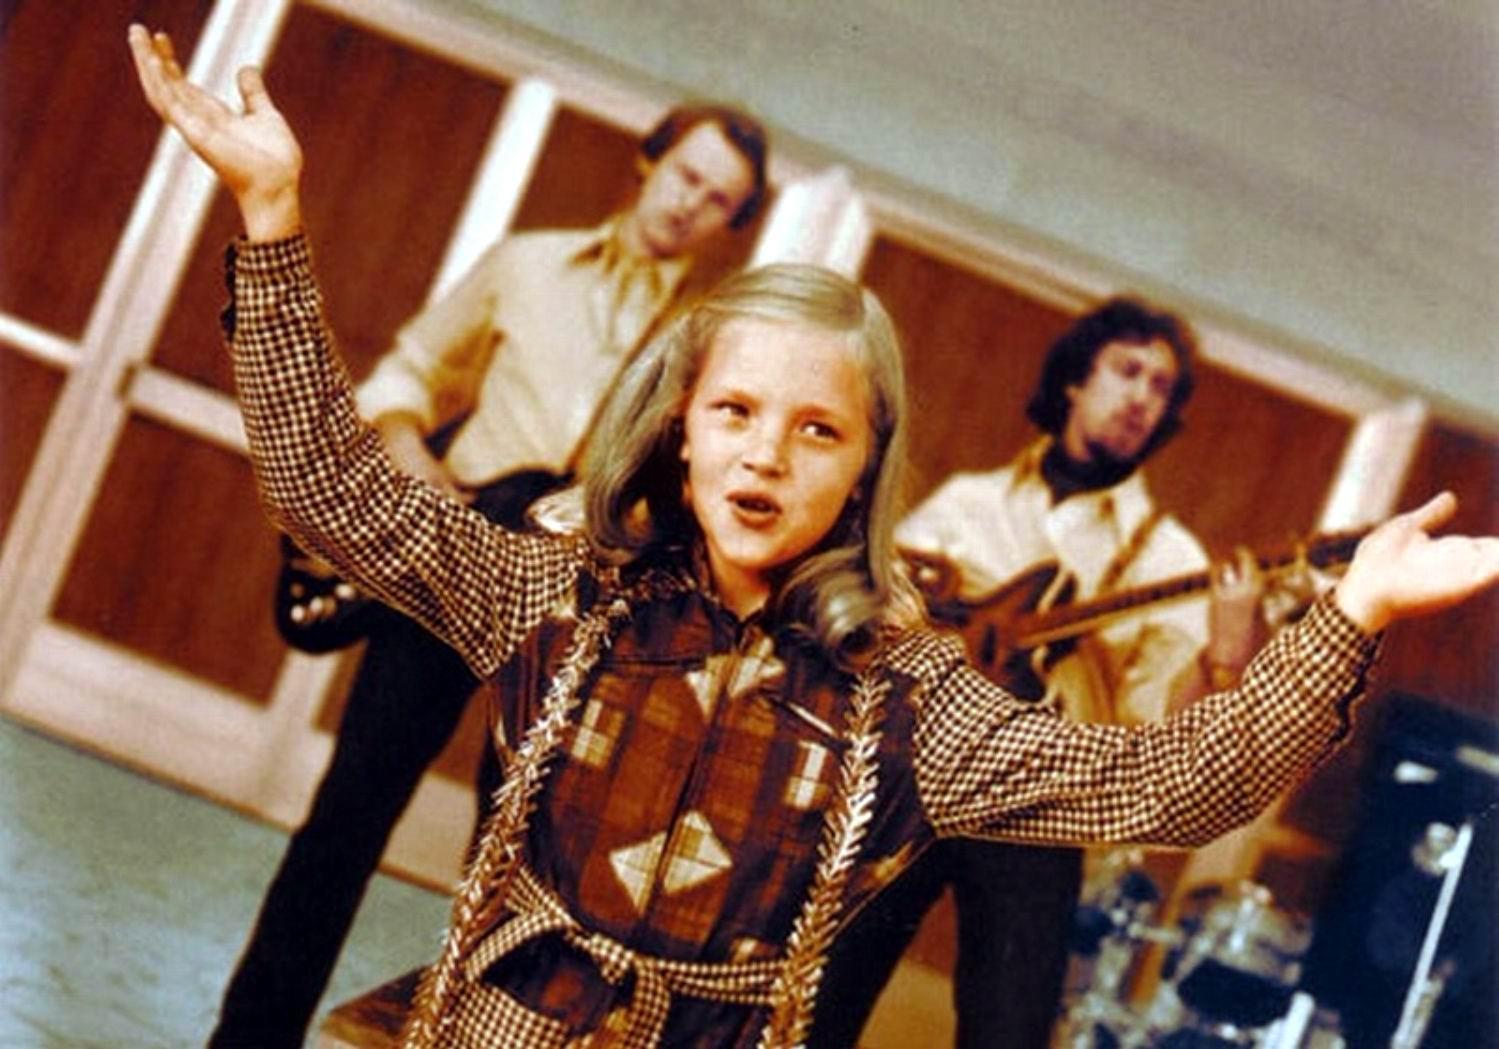 Чародеи / Charodei (1982) (ТВ): кадр из фильма